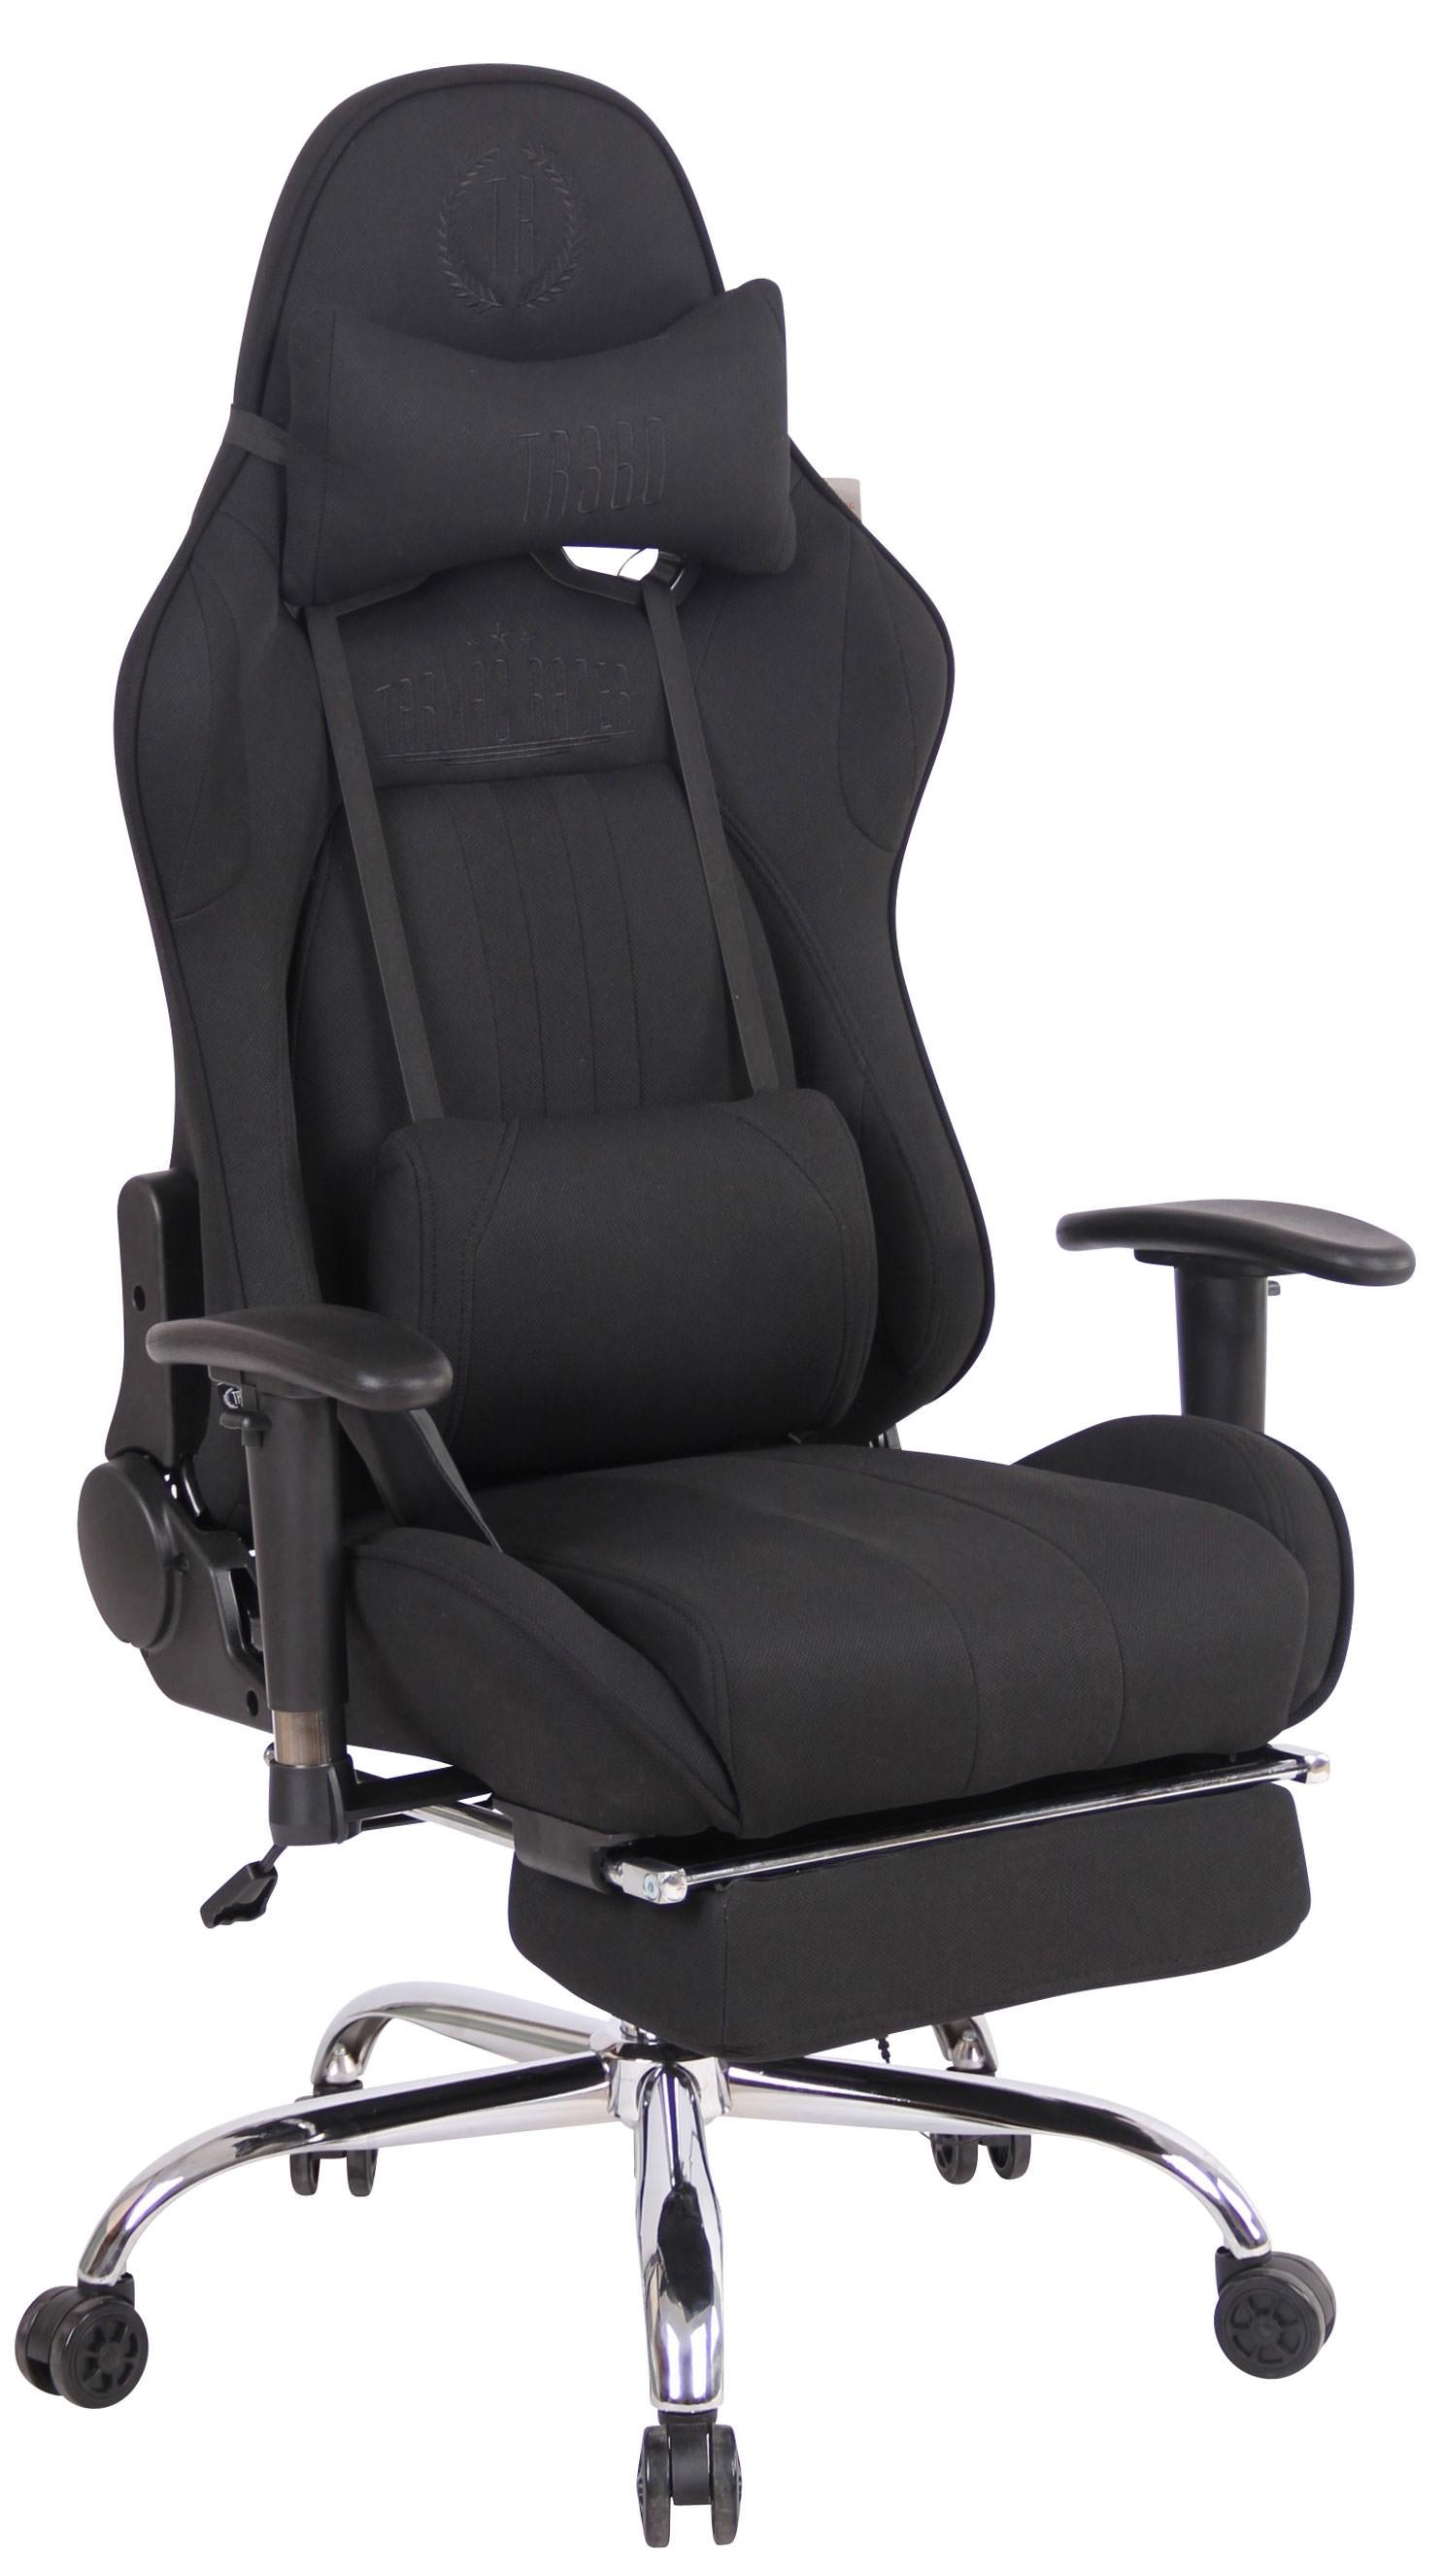 Chaise de bureau Limit XFM en tissu